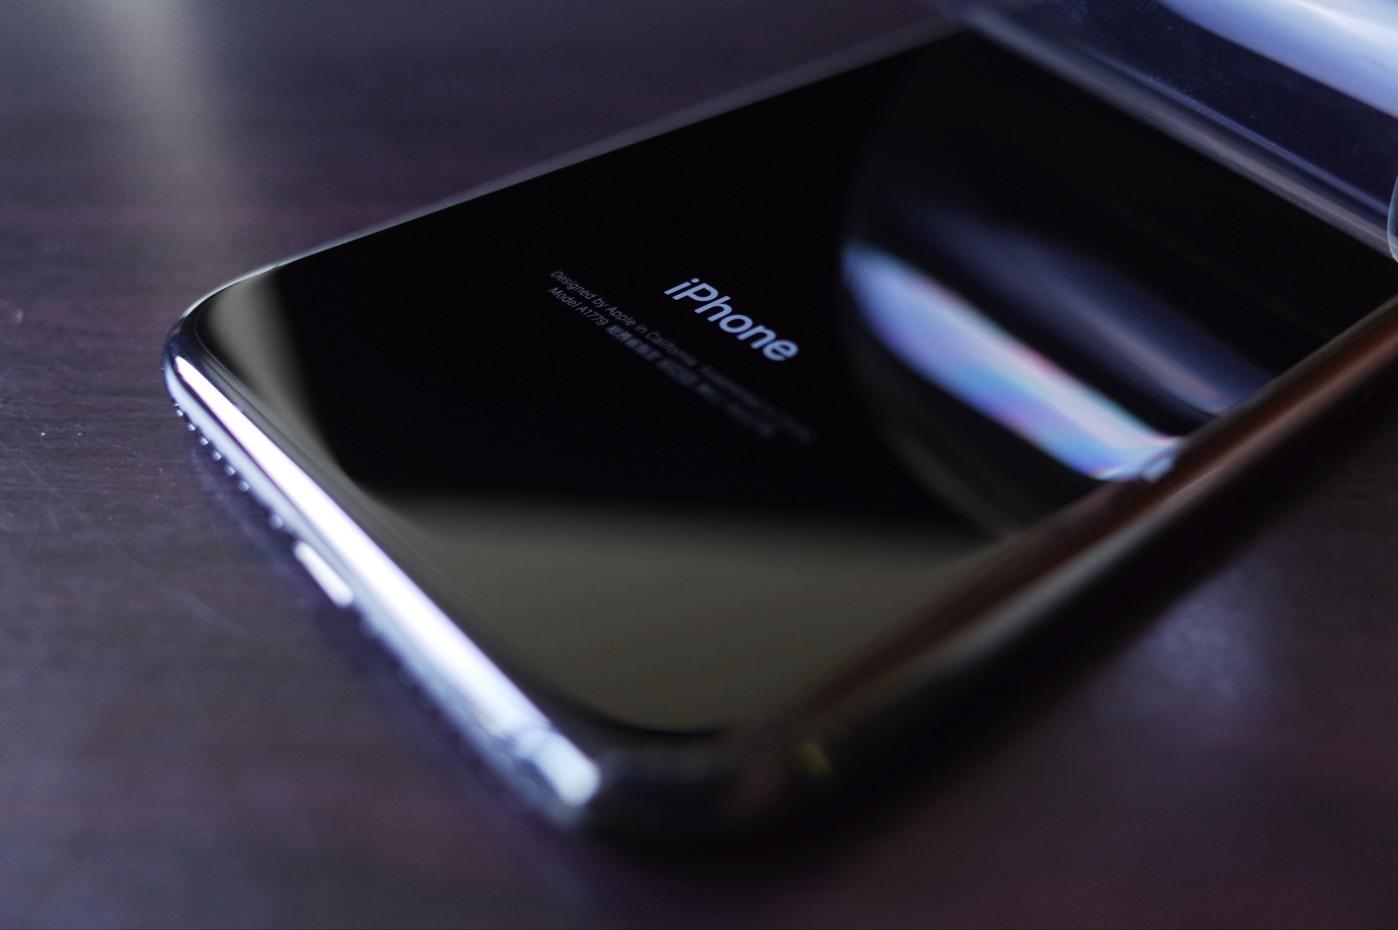 iPhone 7 ジェットブラック 256GB-12